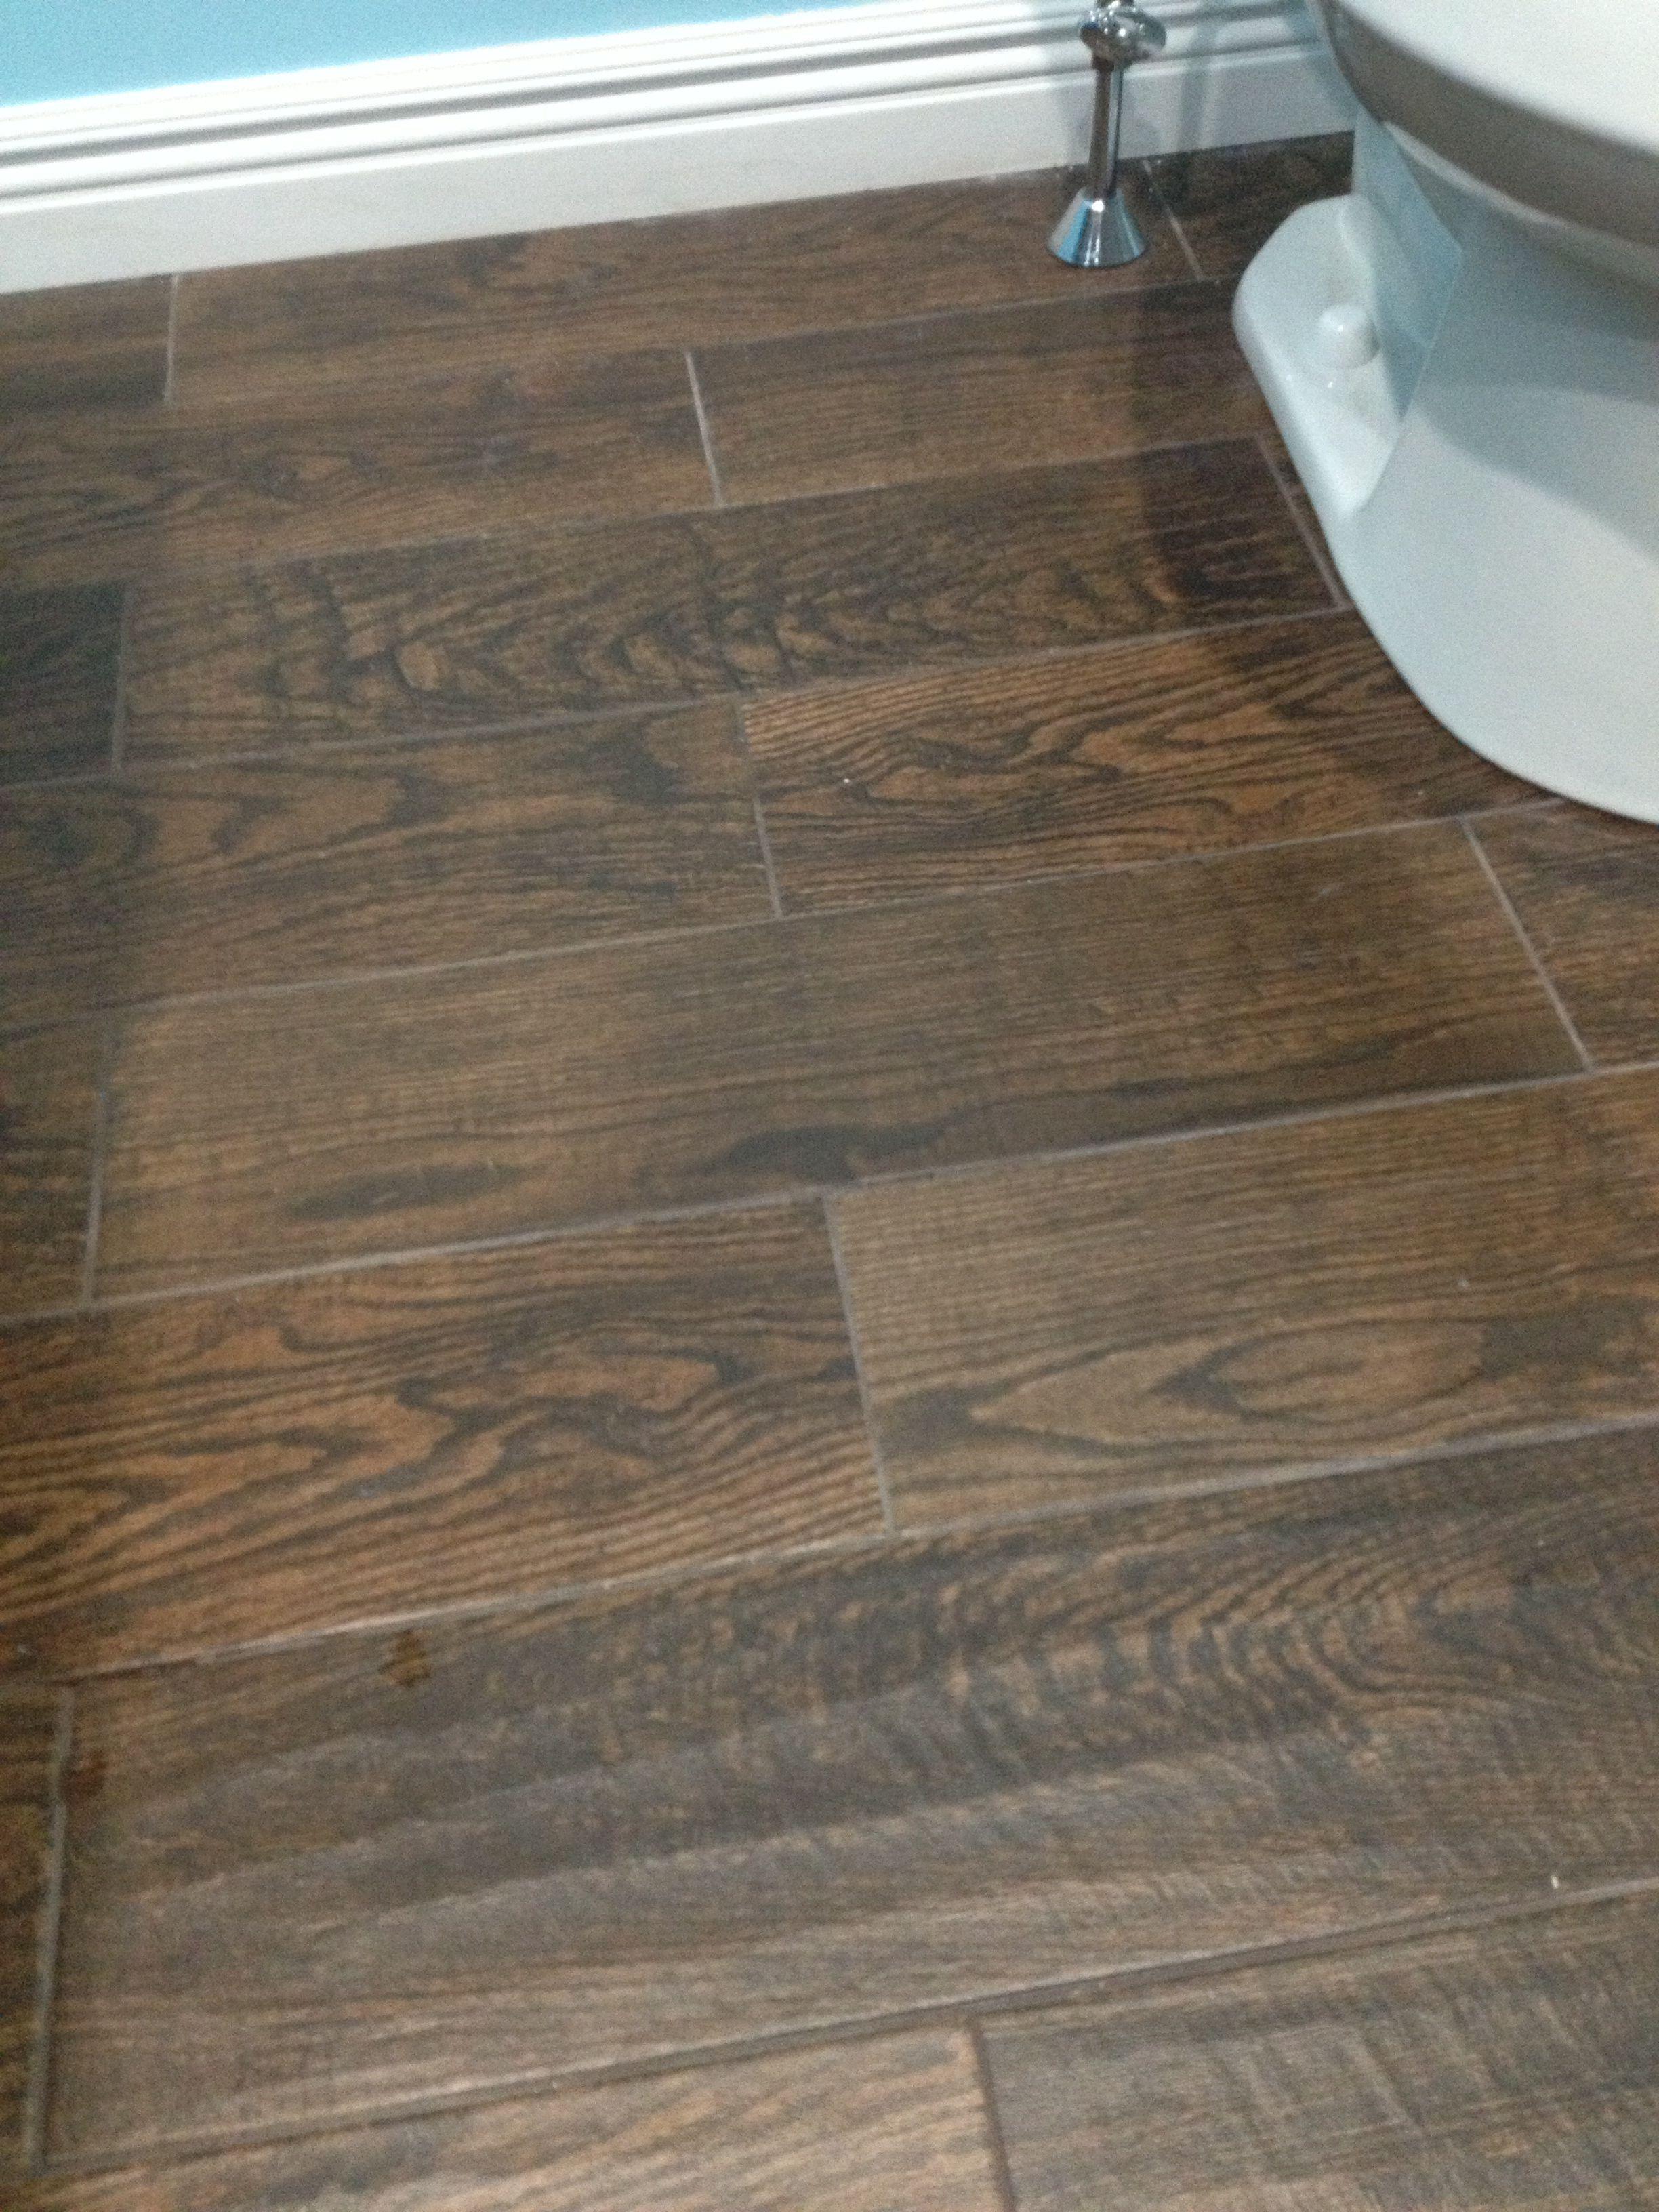 Porcelain wood look tile in upstairs bathroom. Home Depot